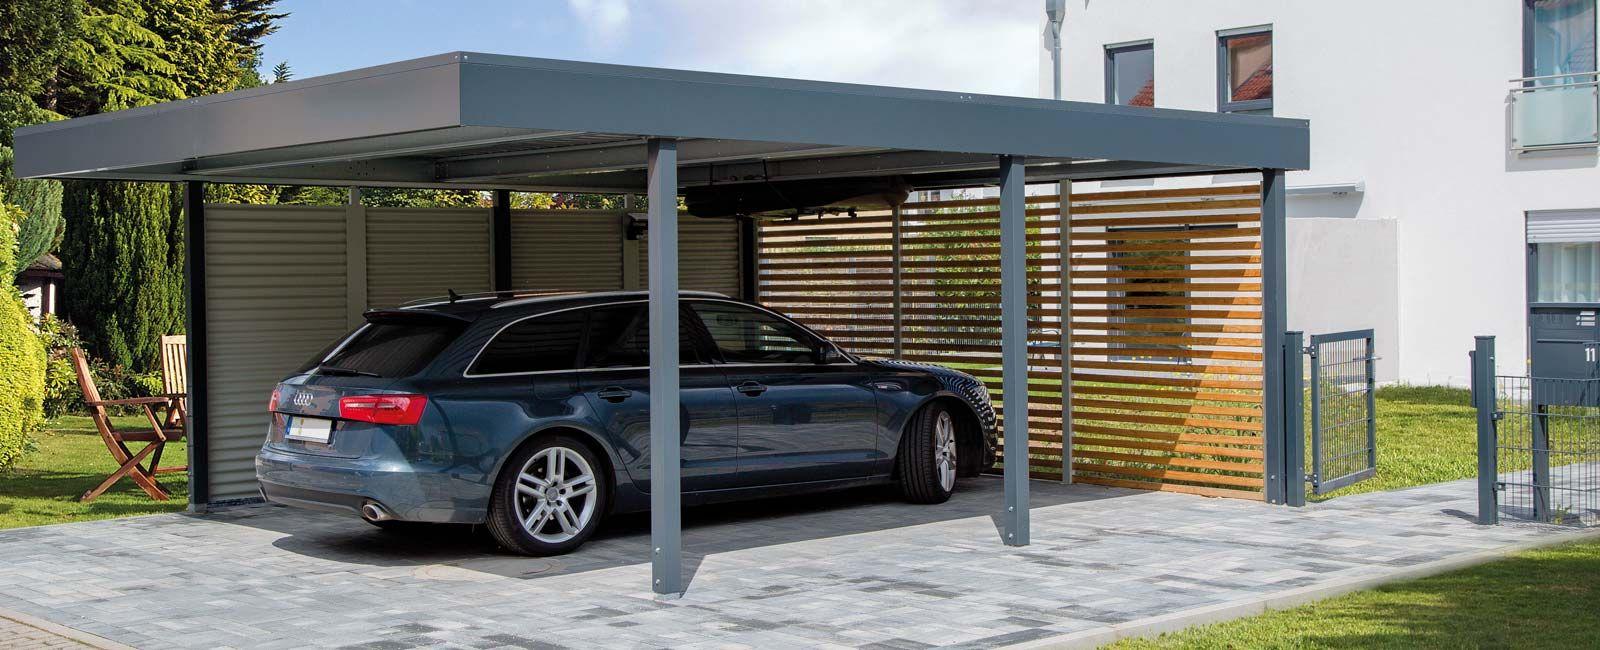 Bilder - Carport, Garage, Gerätehäuser von Siebau | DeSoto: modern ...